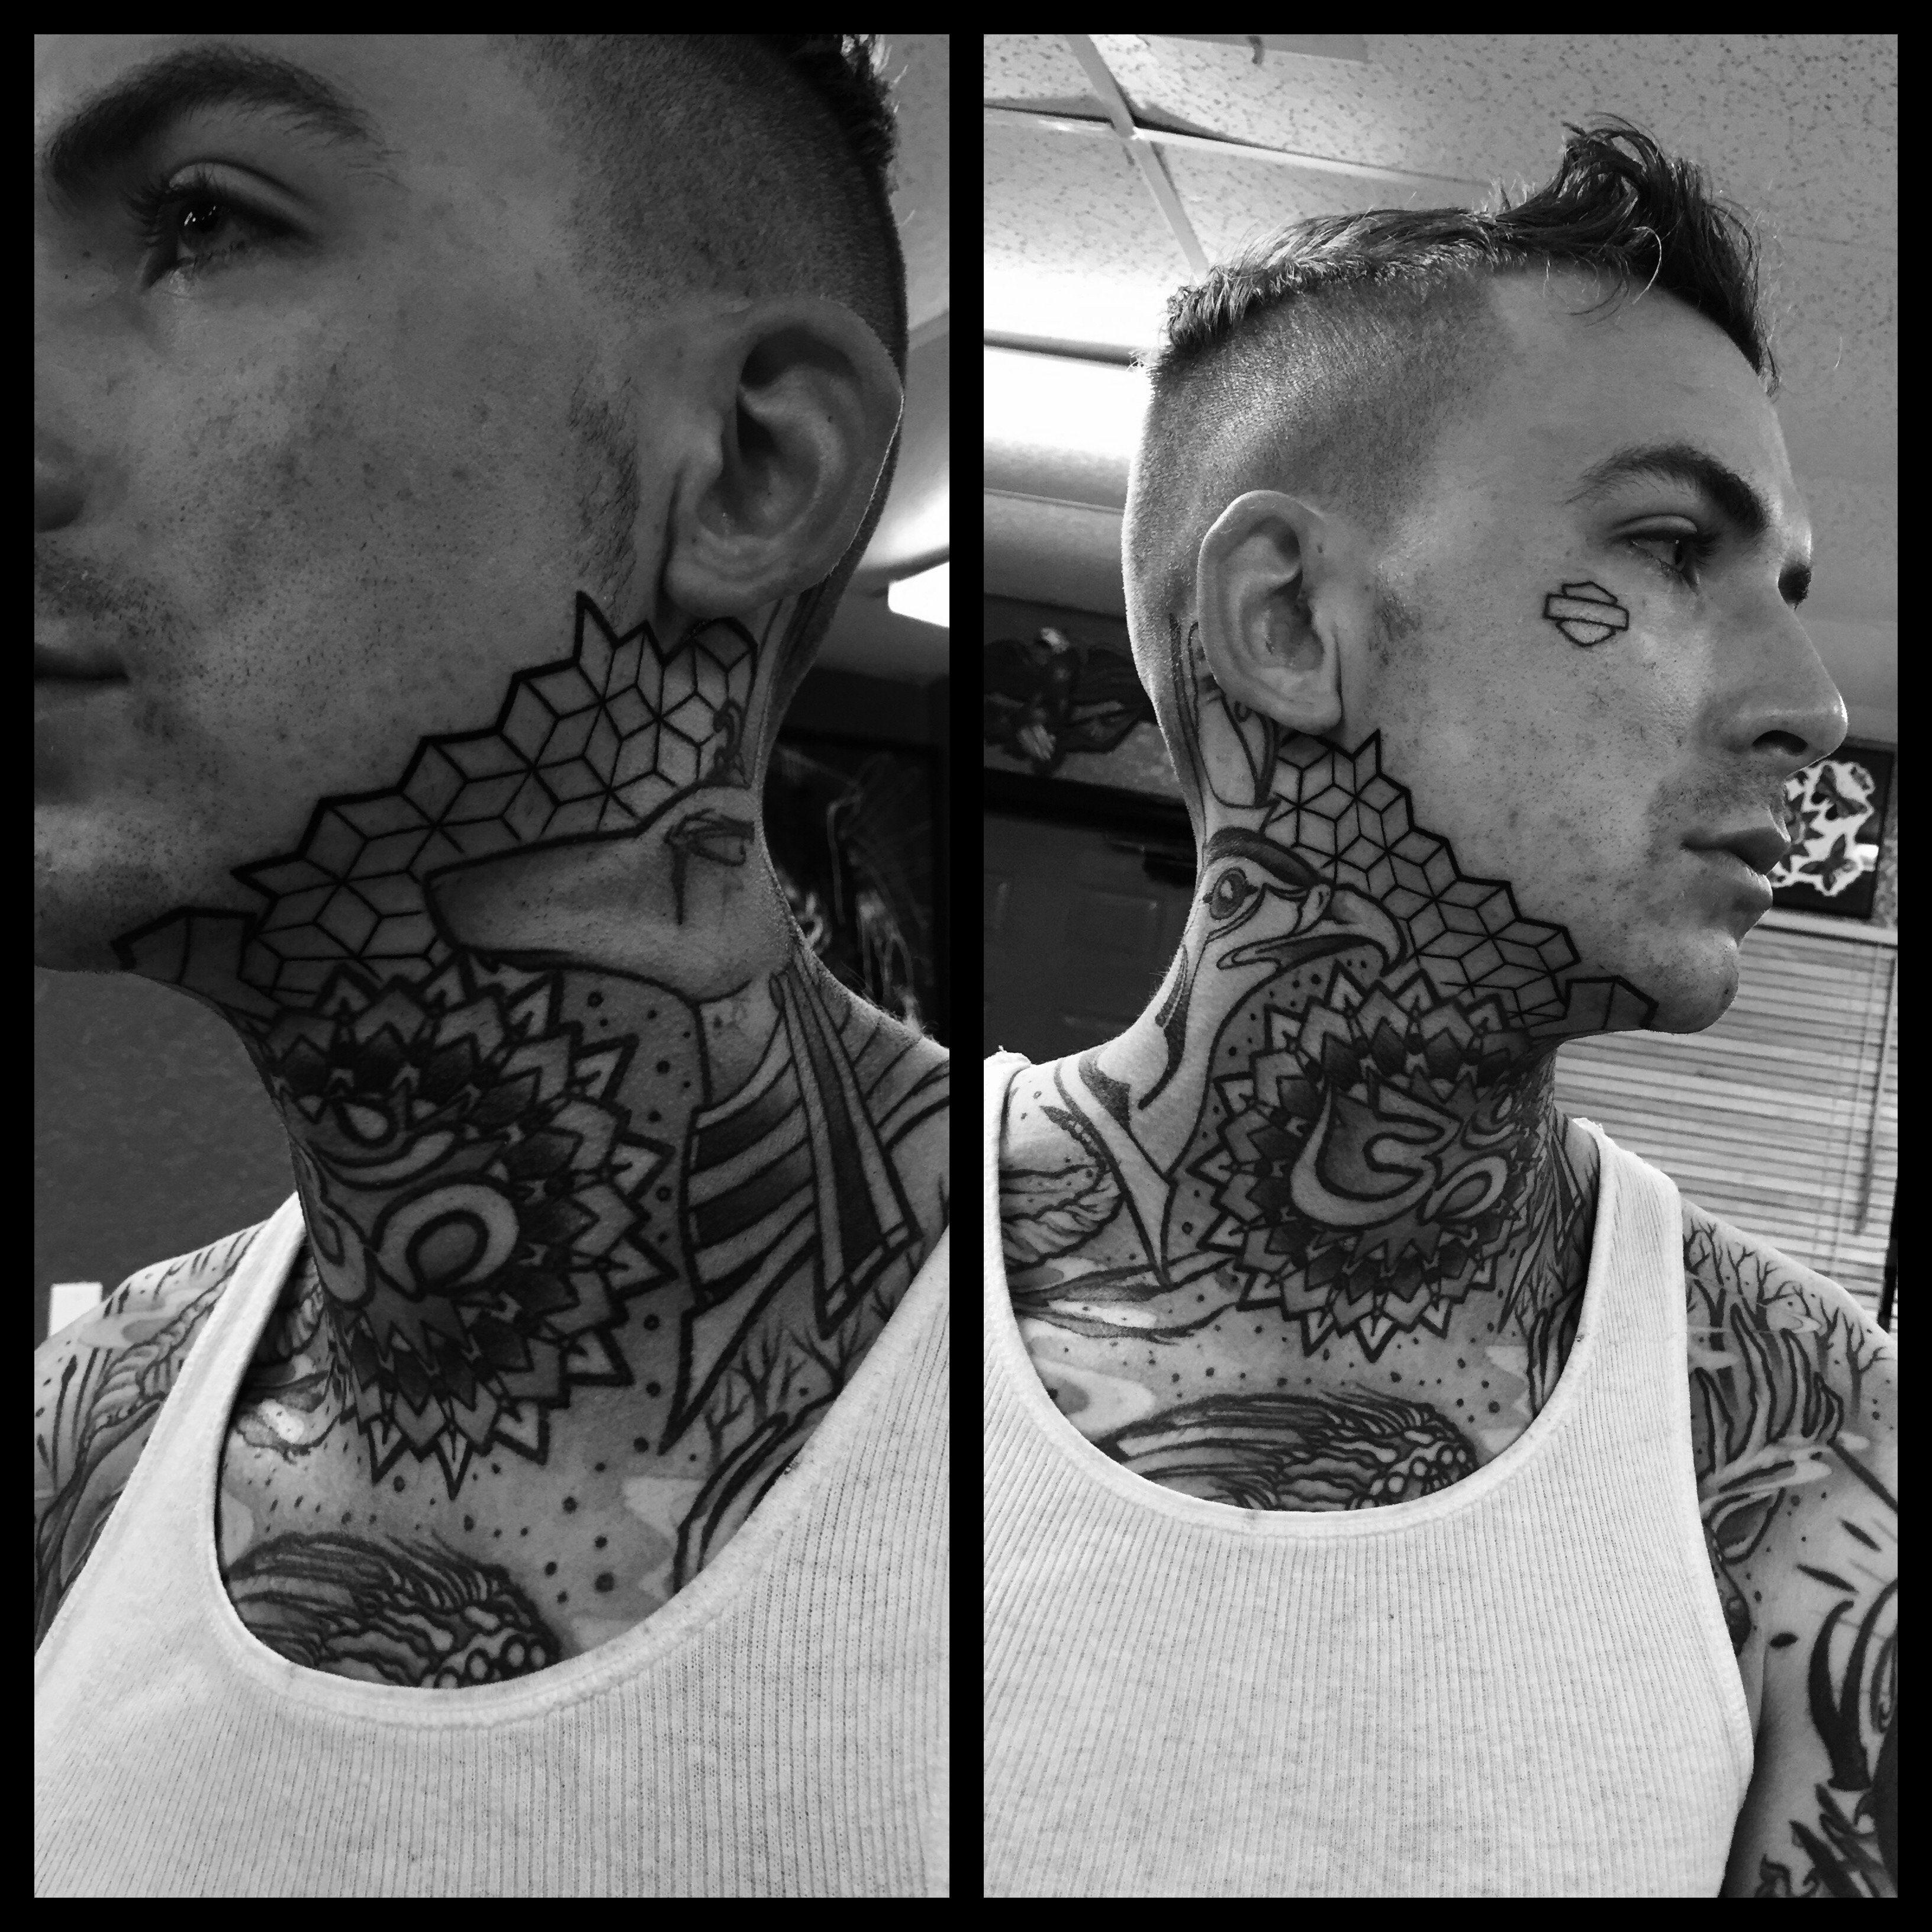 Jaw Line Tattoos: Geometric Jawline Tattoo - Google Search